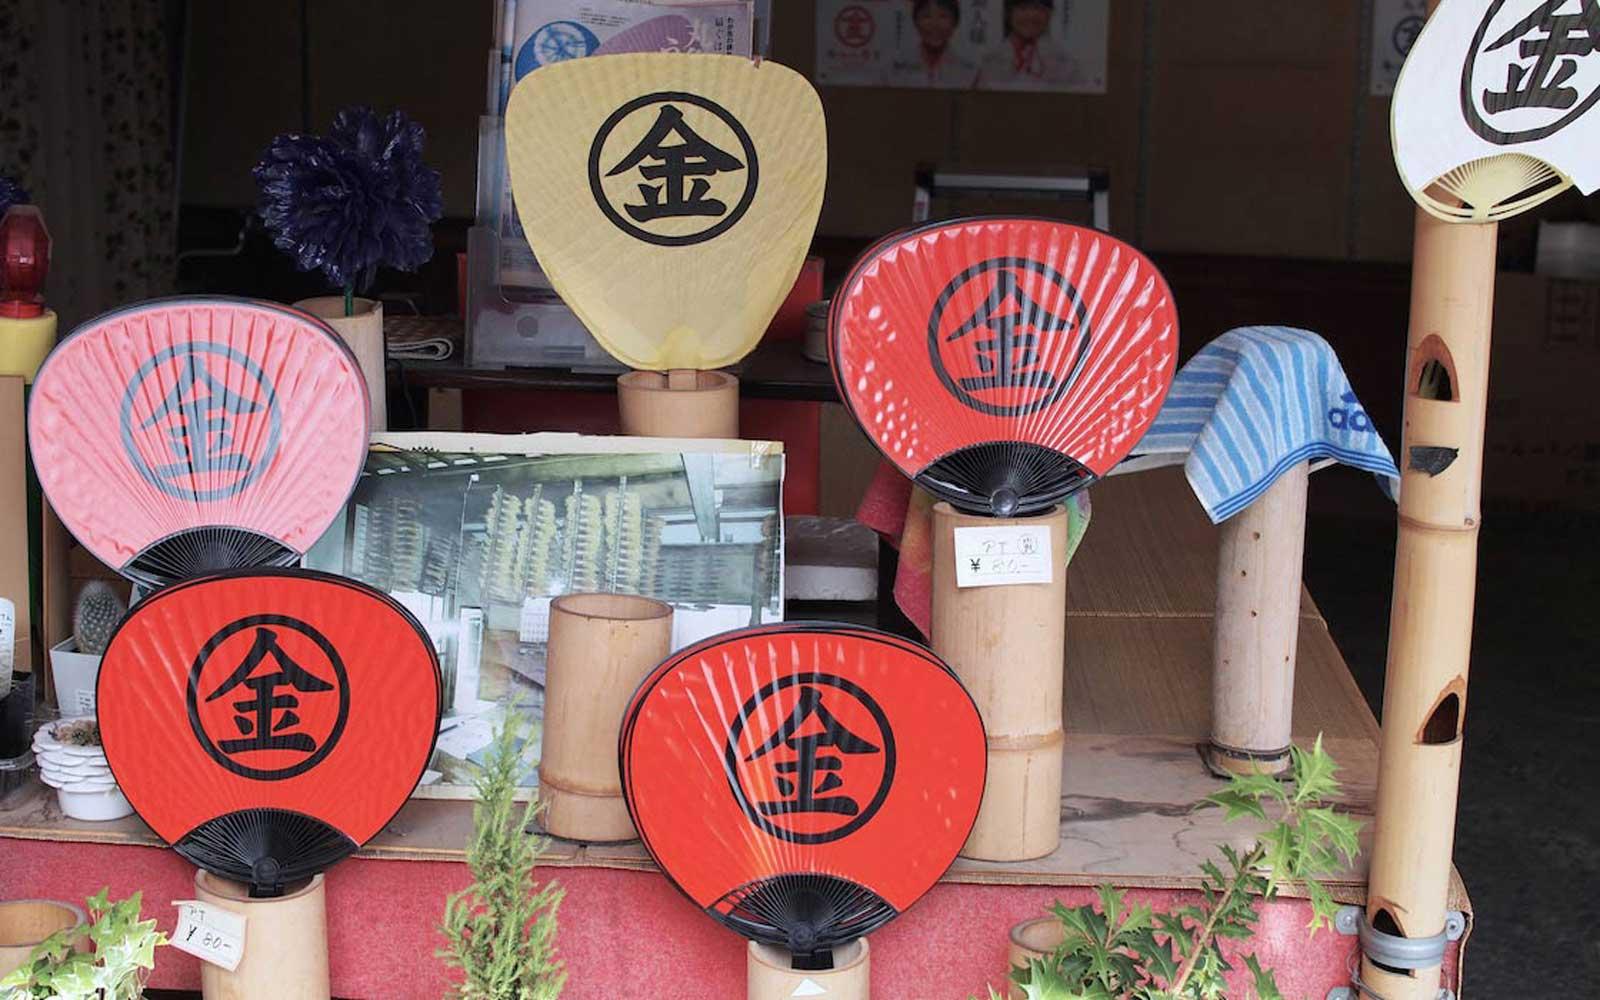 現在でも金毘羅宮の参道で販売されている「丸金」印のうちわ。機械で量産のできる樹脂製のうちわが主流となっている